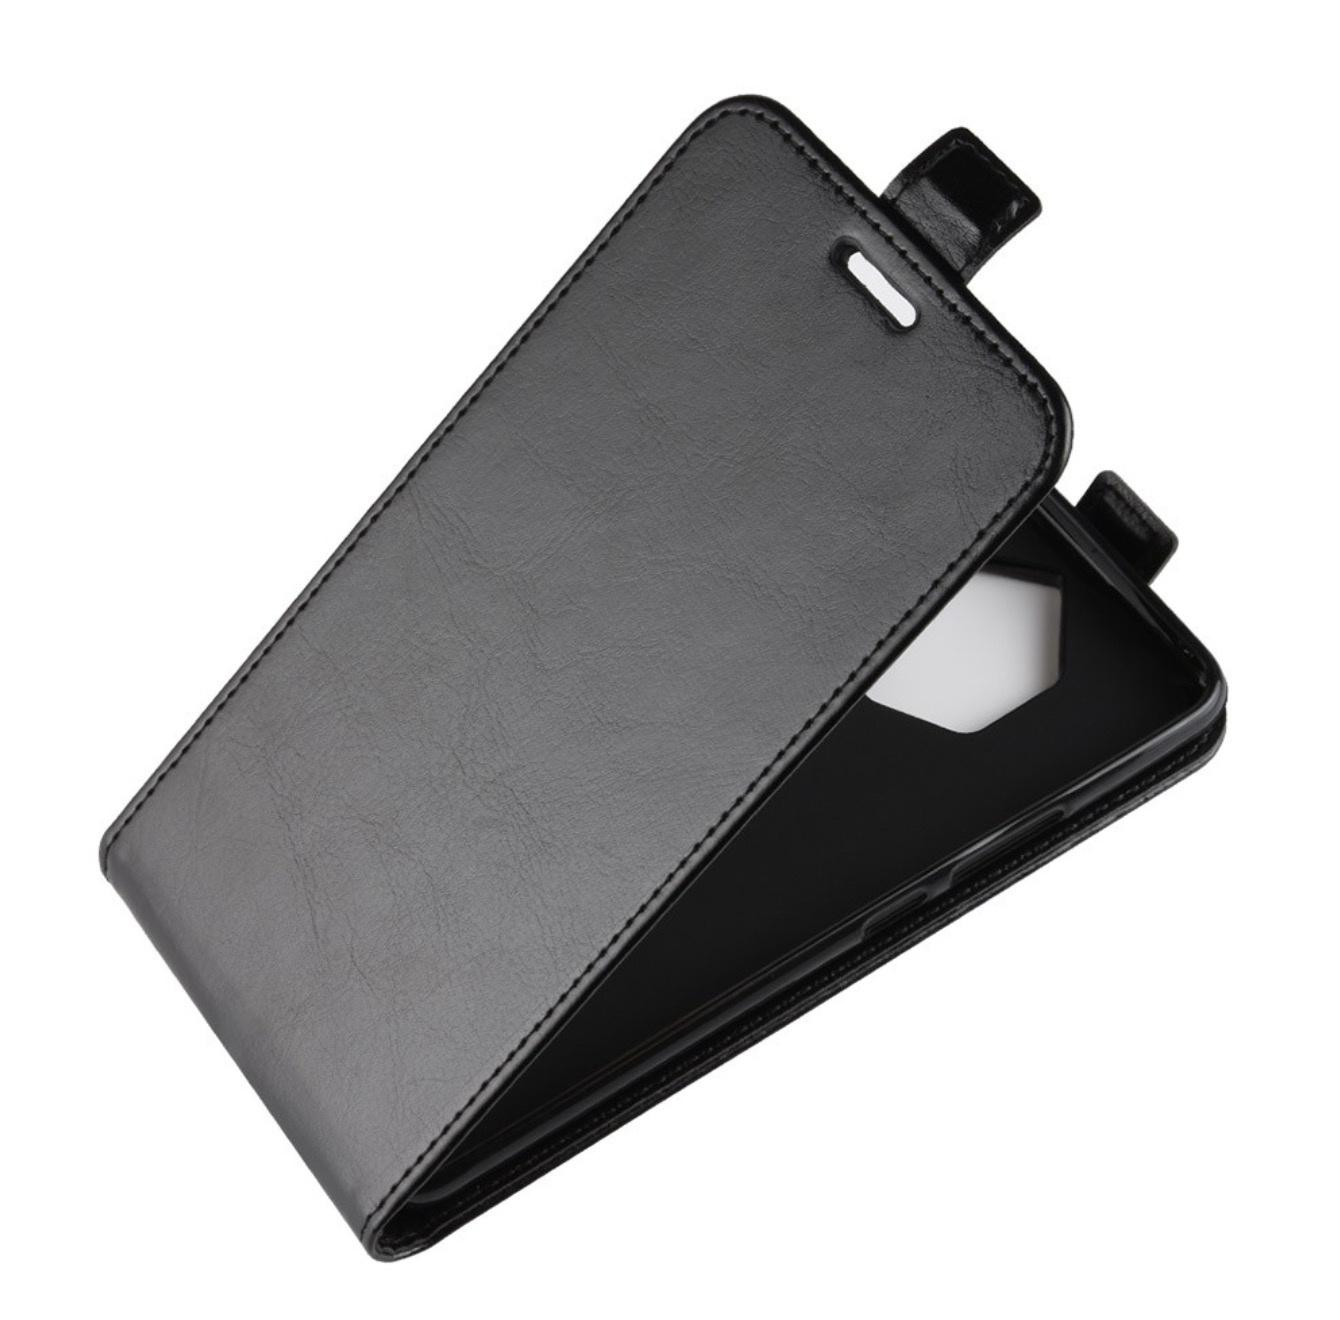 Чехол-флип MyPads для Highscreen Boost 2 / Boost 2 SE 5.0 вертикальный откидной черный смартфон highscreen boost 3 se blue orange